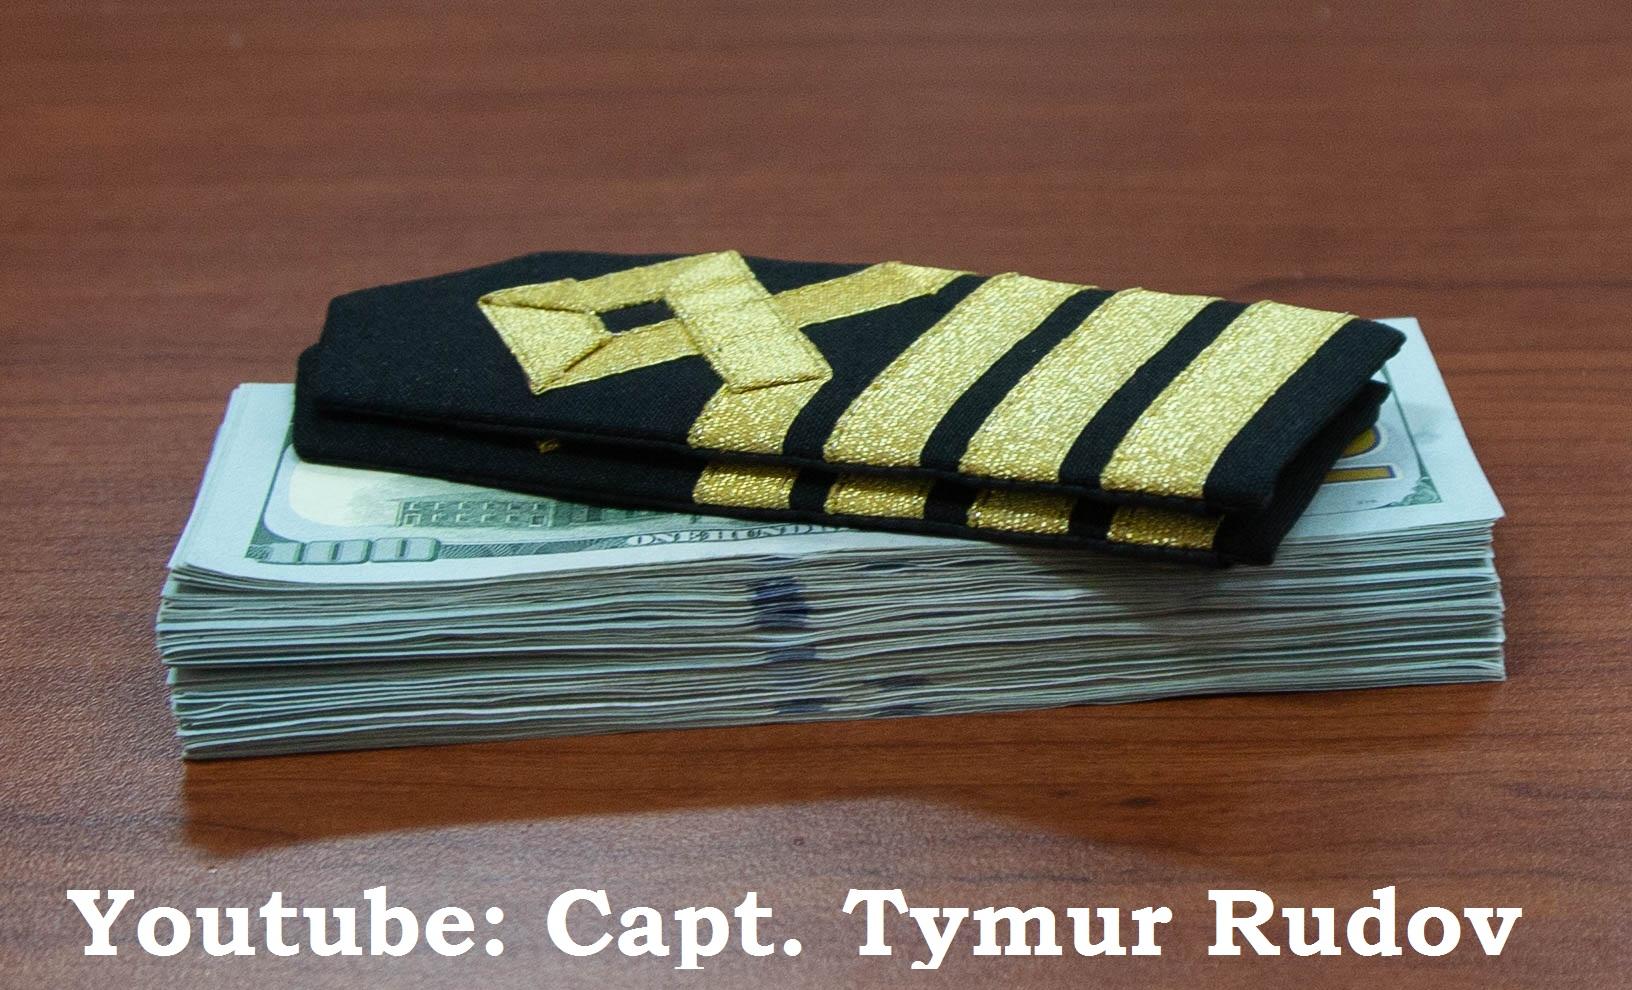 Зарплата моряка. Пять лет без изменений. Капитанский блог.